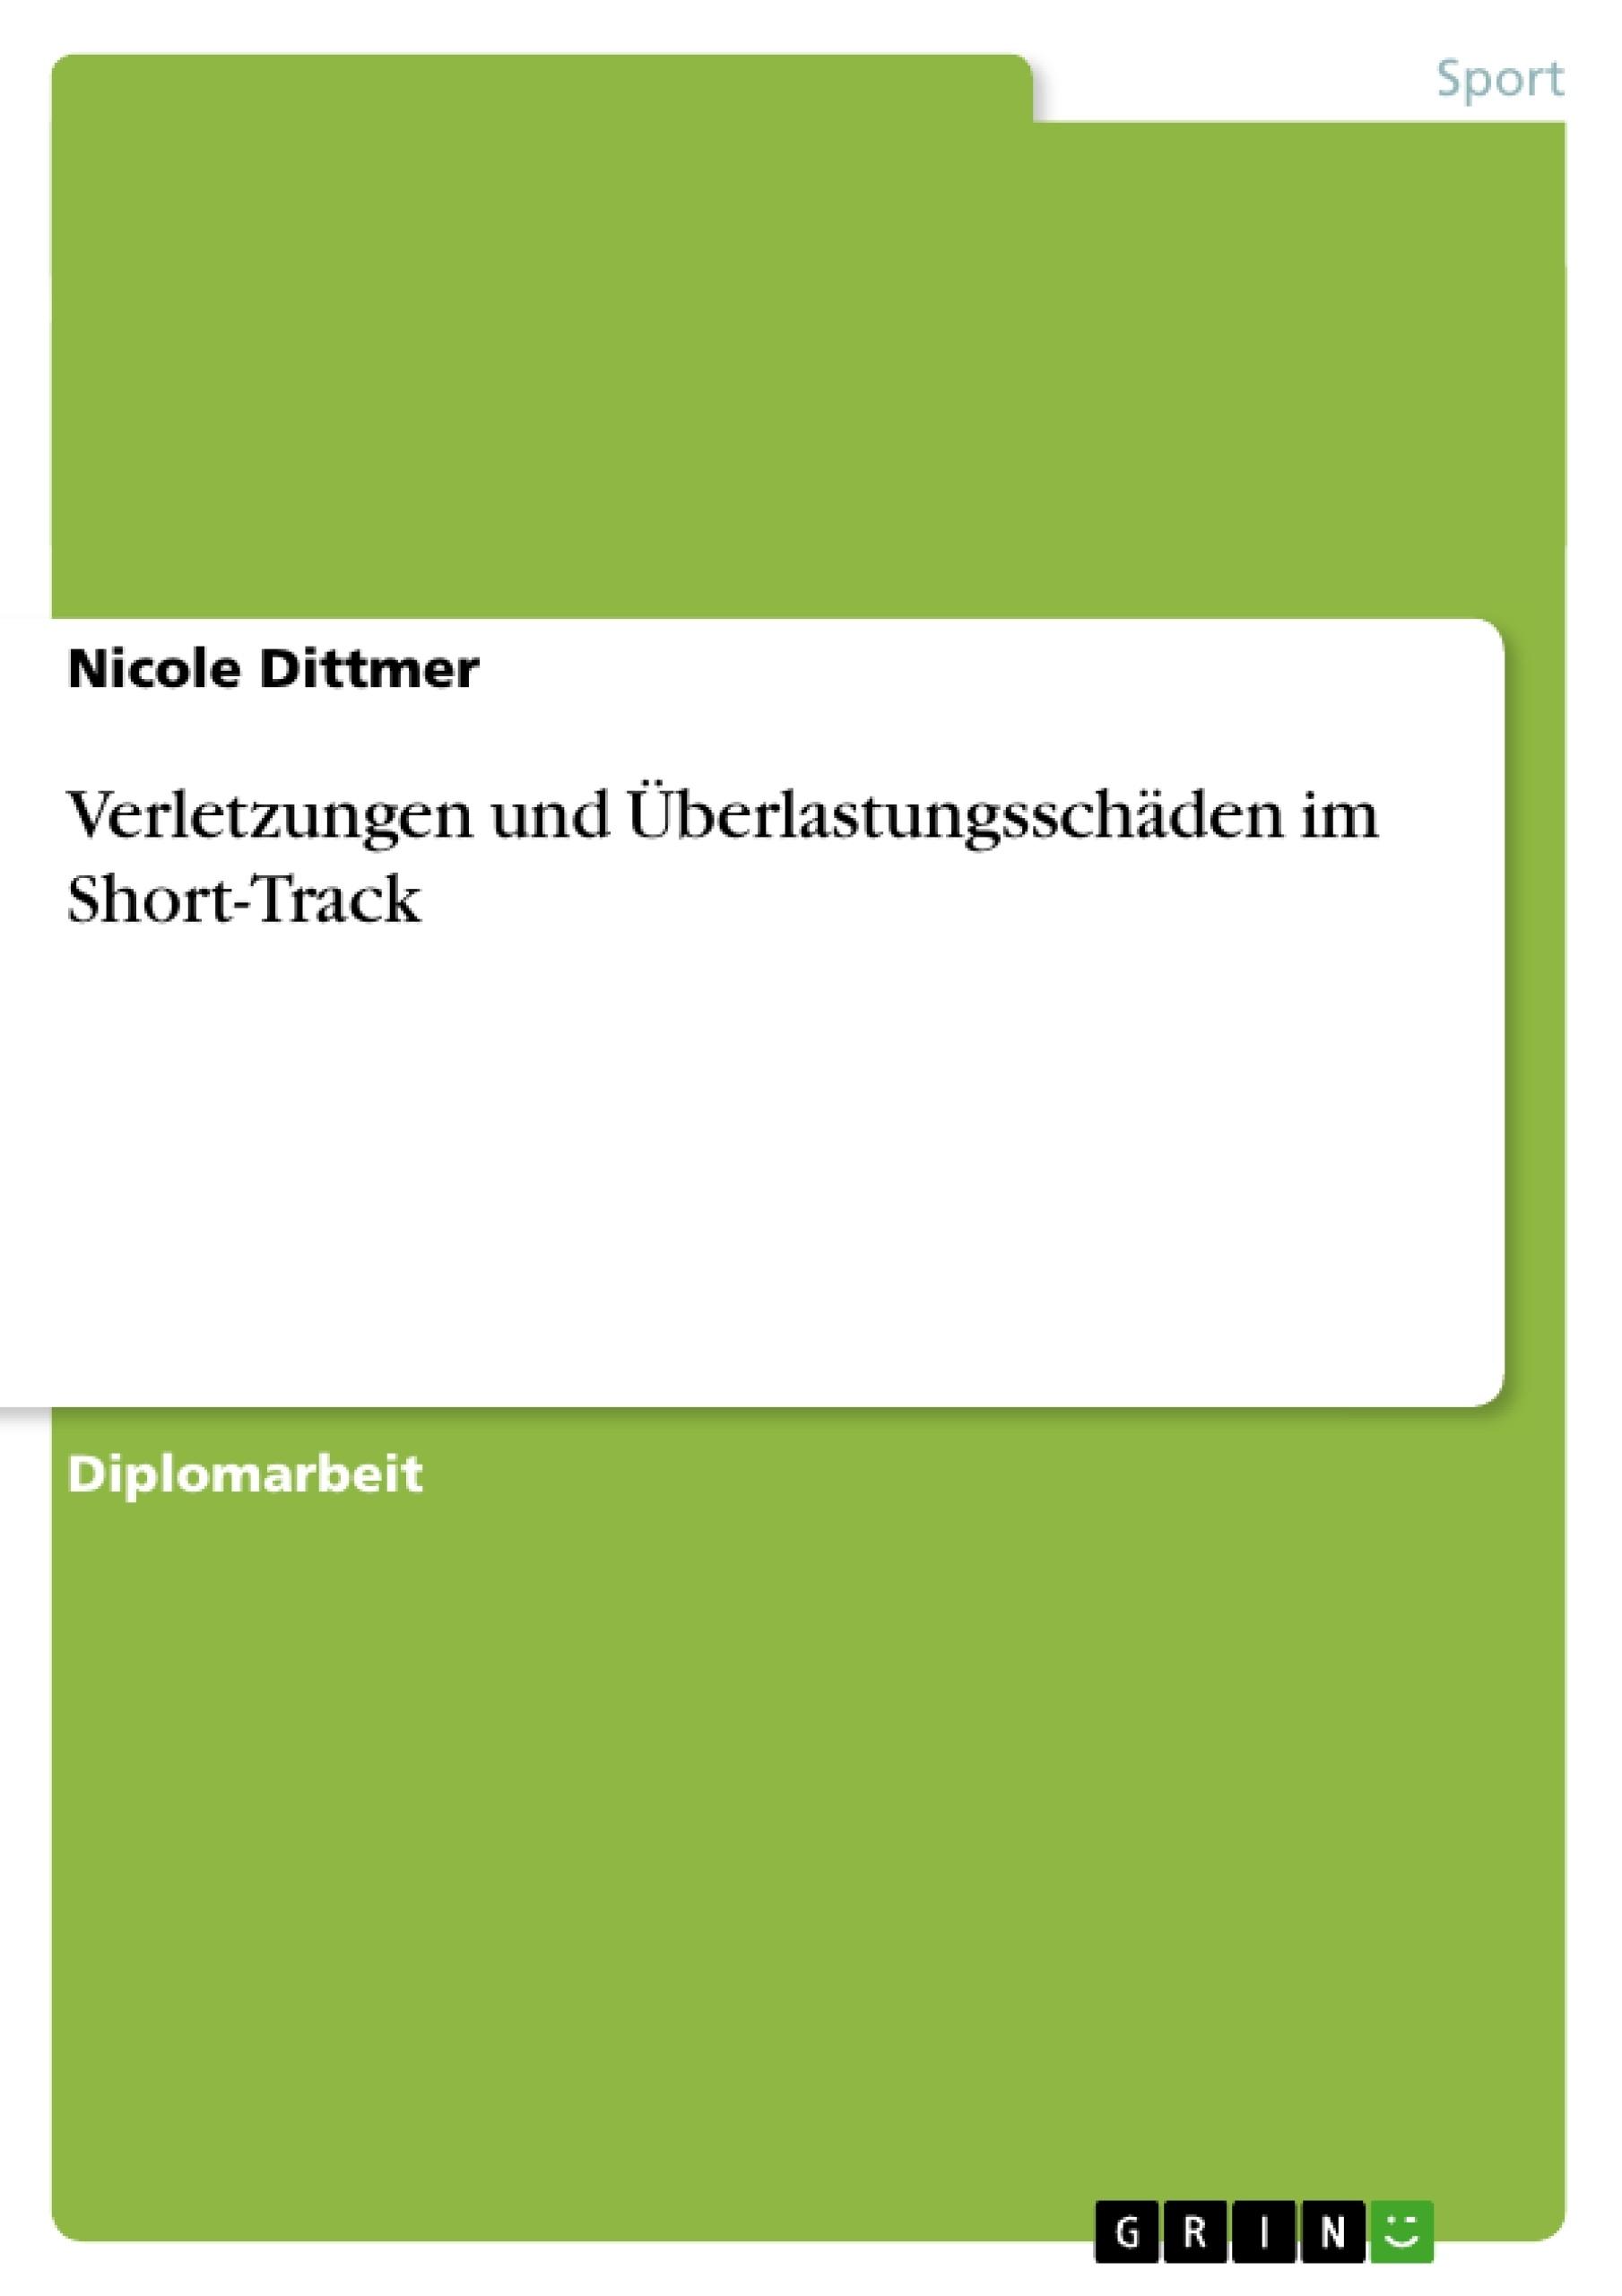 Titel: Verletzungen und Überlastungsschäden im Short-Track